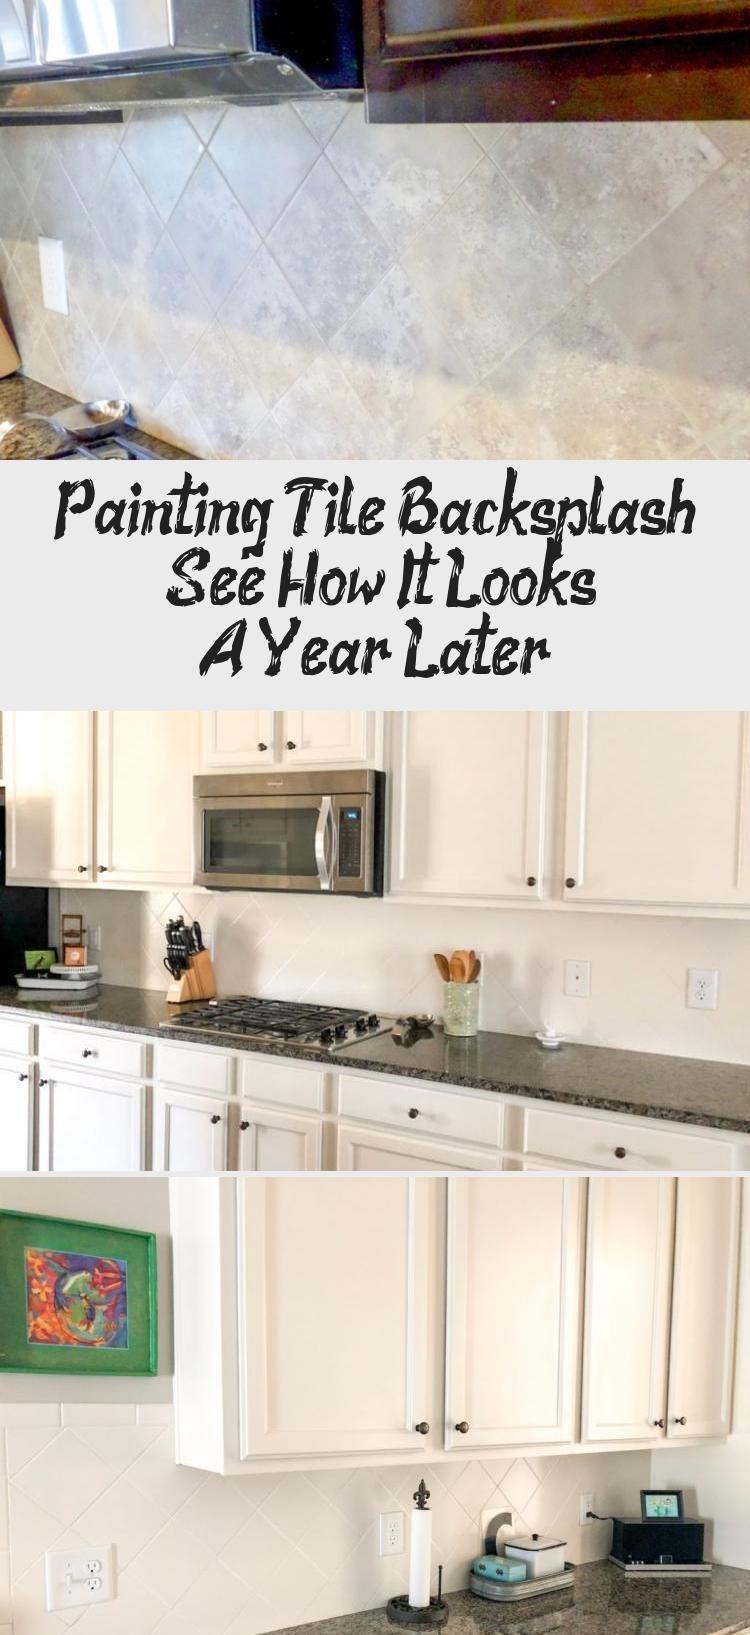 Painting Tile Backsplash See How It Looks A Year Later Tile Backsplash Painting Tile Painting Tile Backsplash